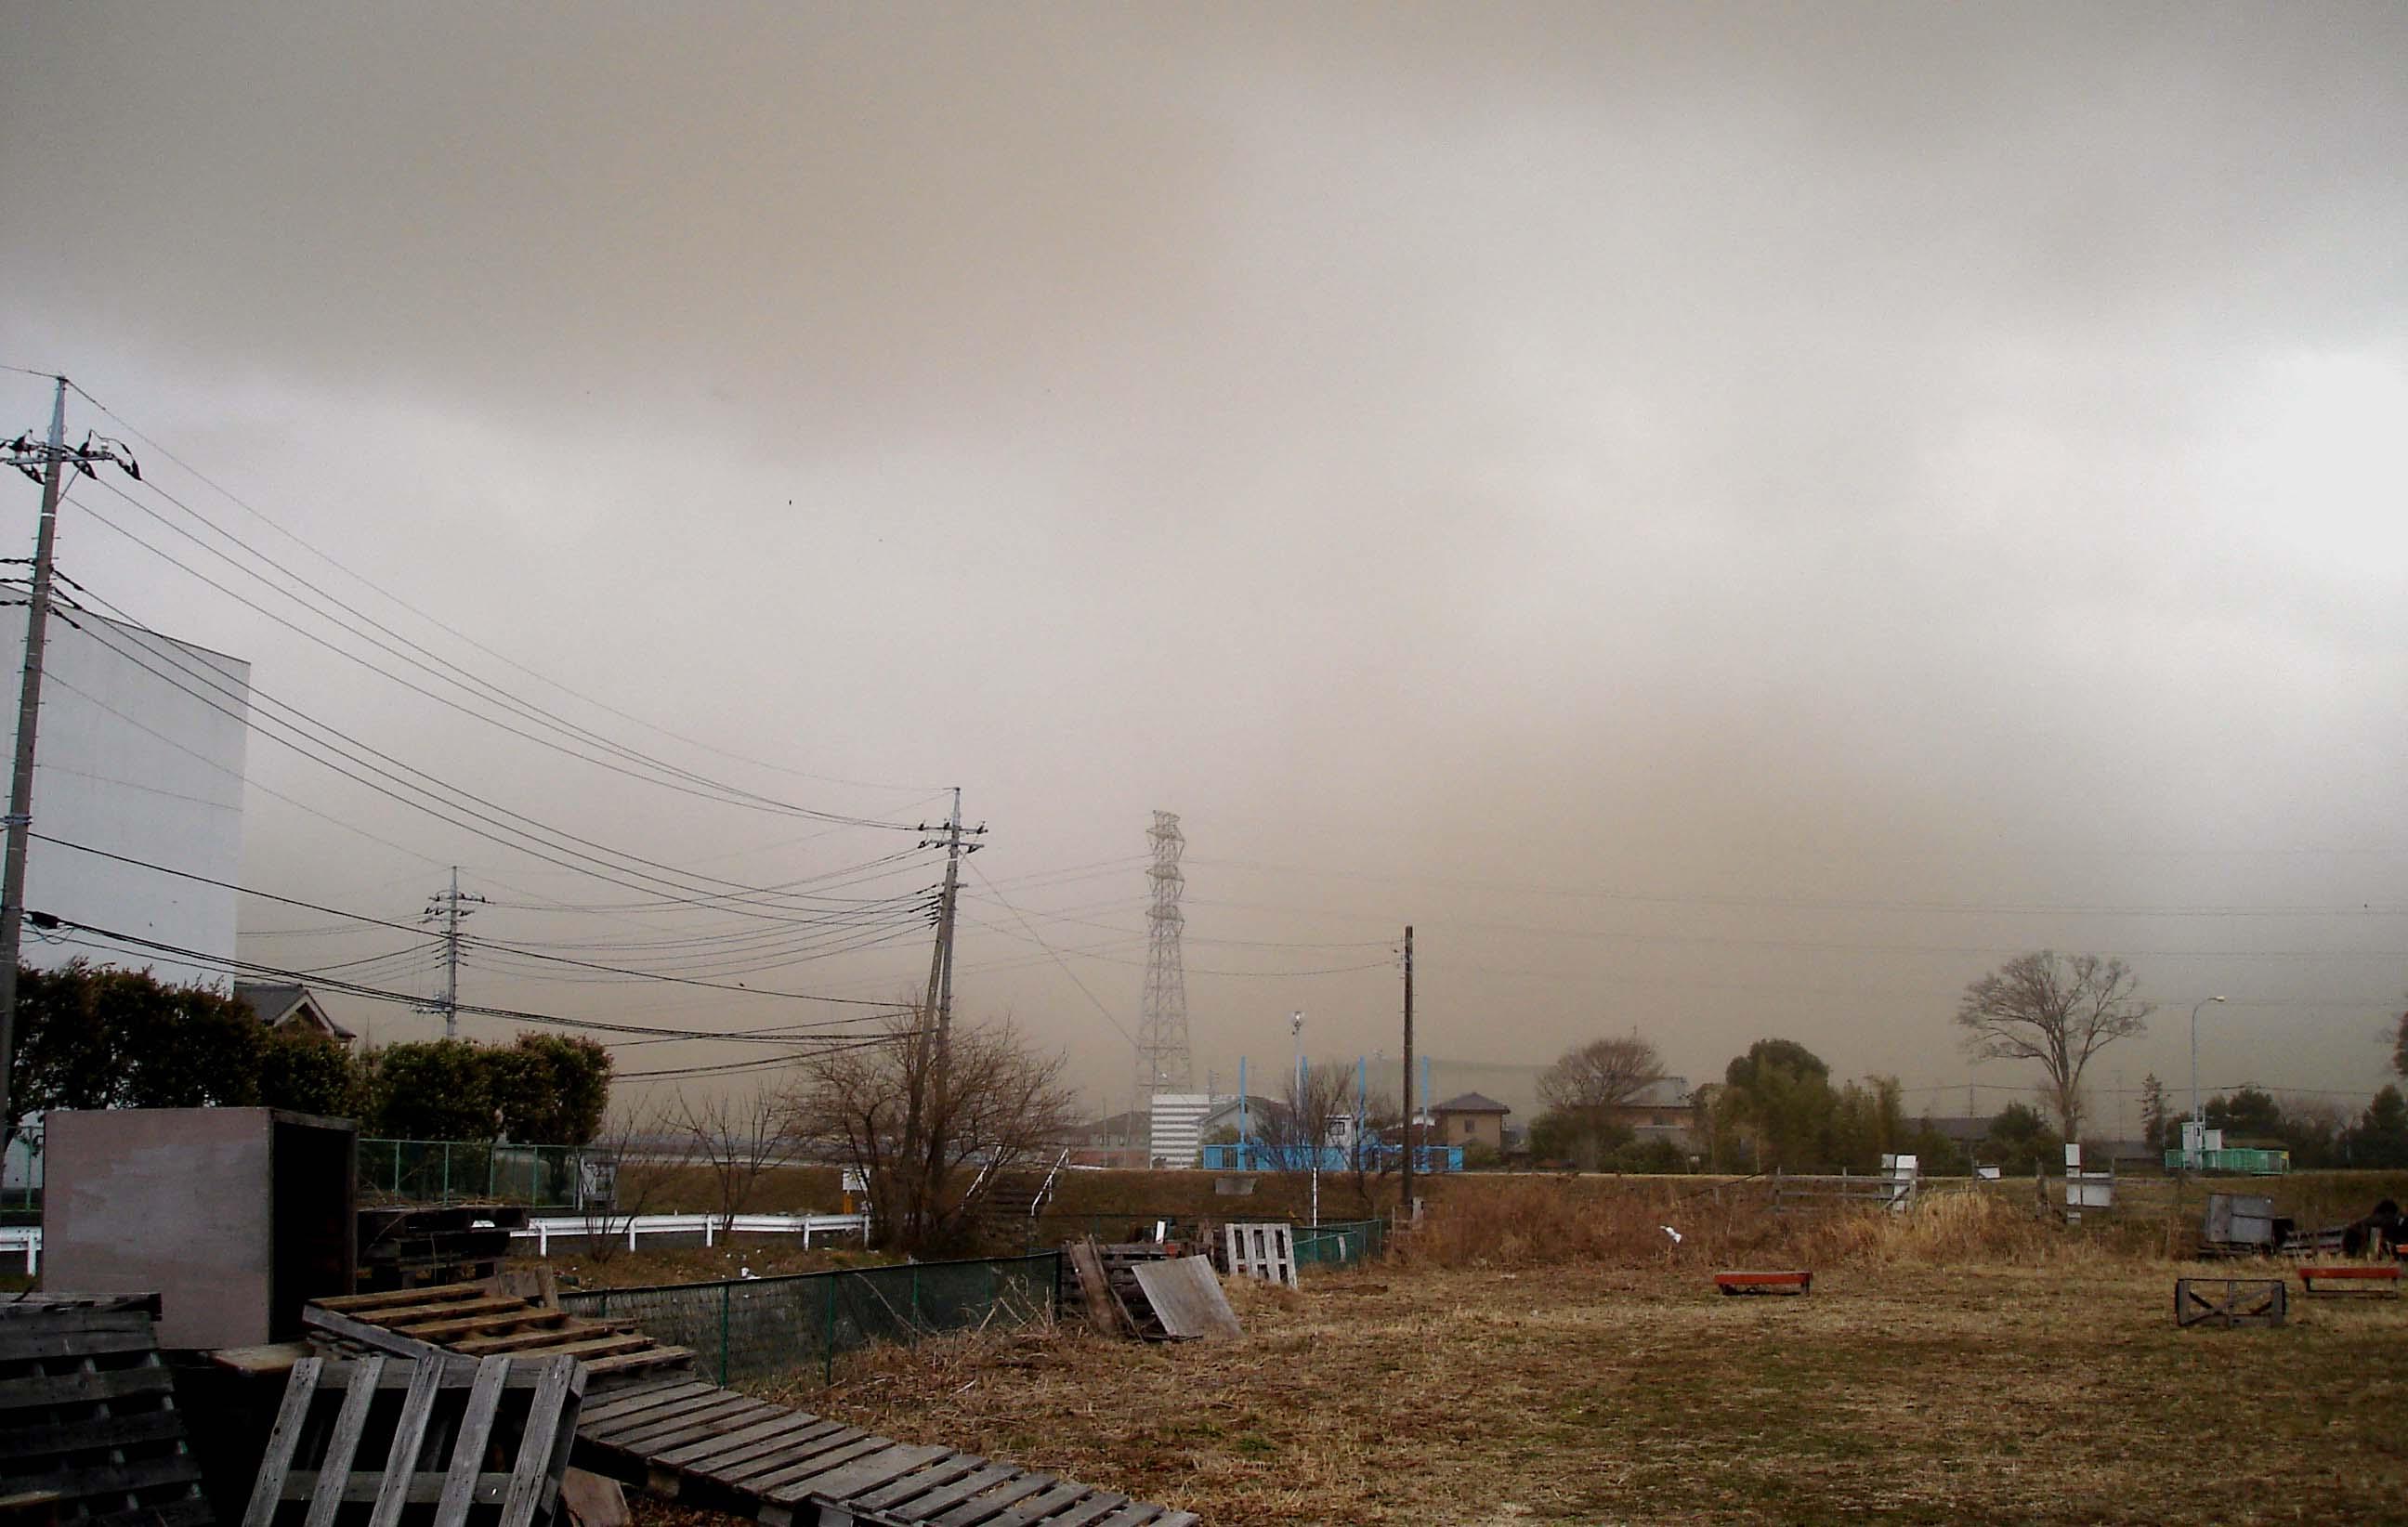 Dsc00256 旋風の通過⑱ 南に去る粉塵帯